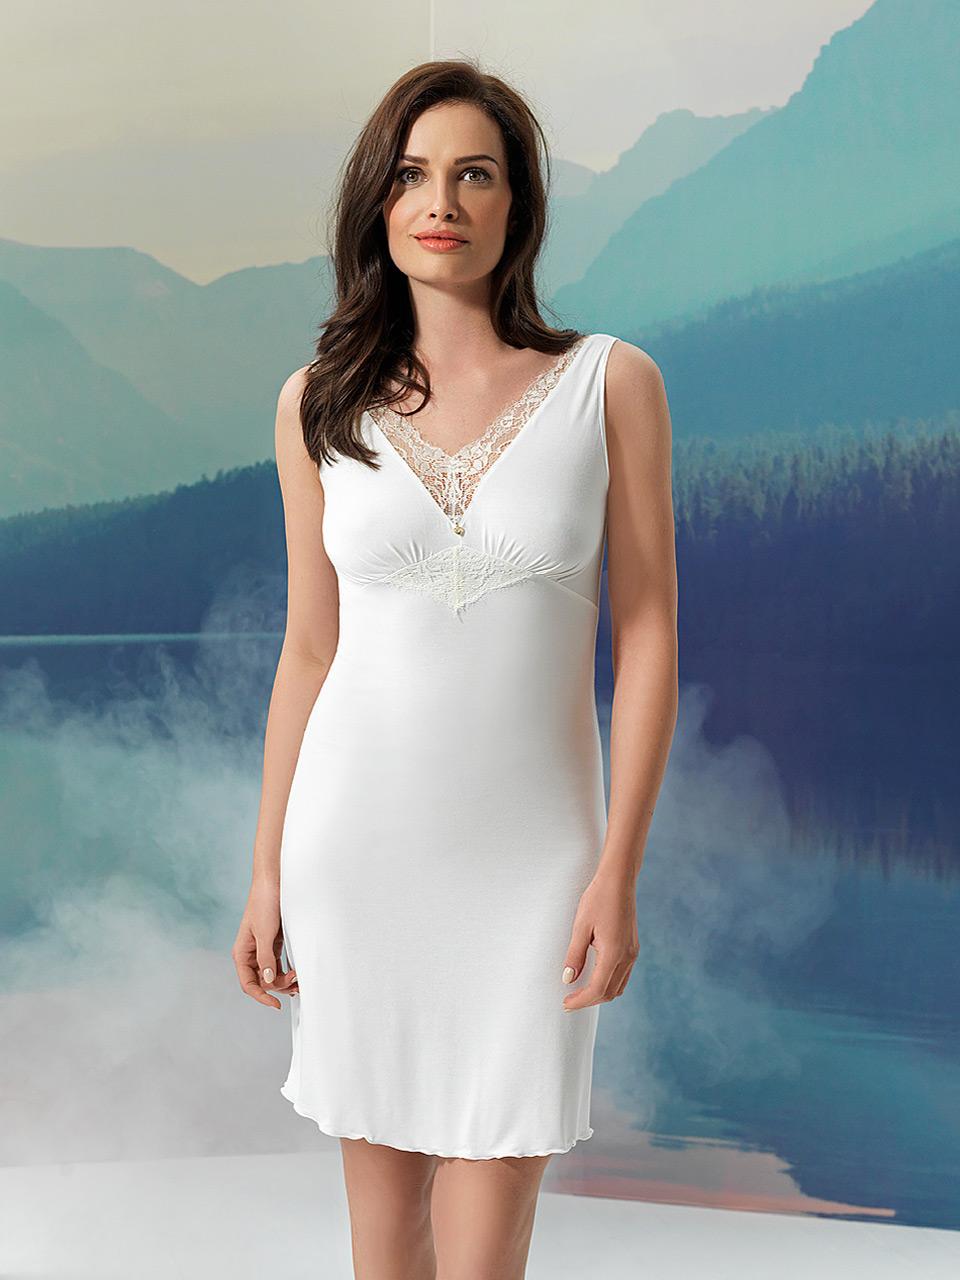 Fairy 2953 Camicia da notte<br />10 Ivory, 02 Black, 10 Violet, 54 Deep Rose